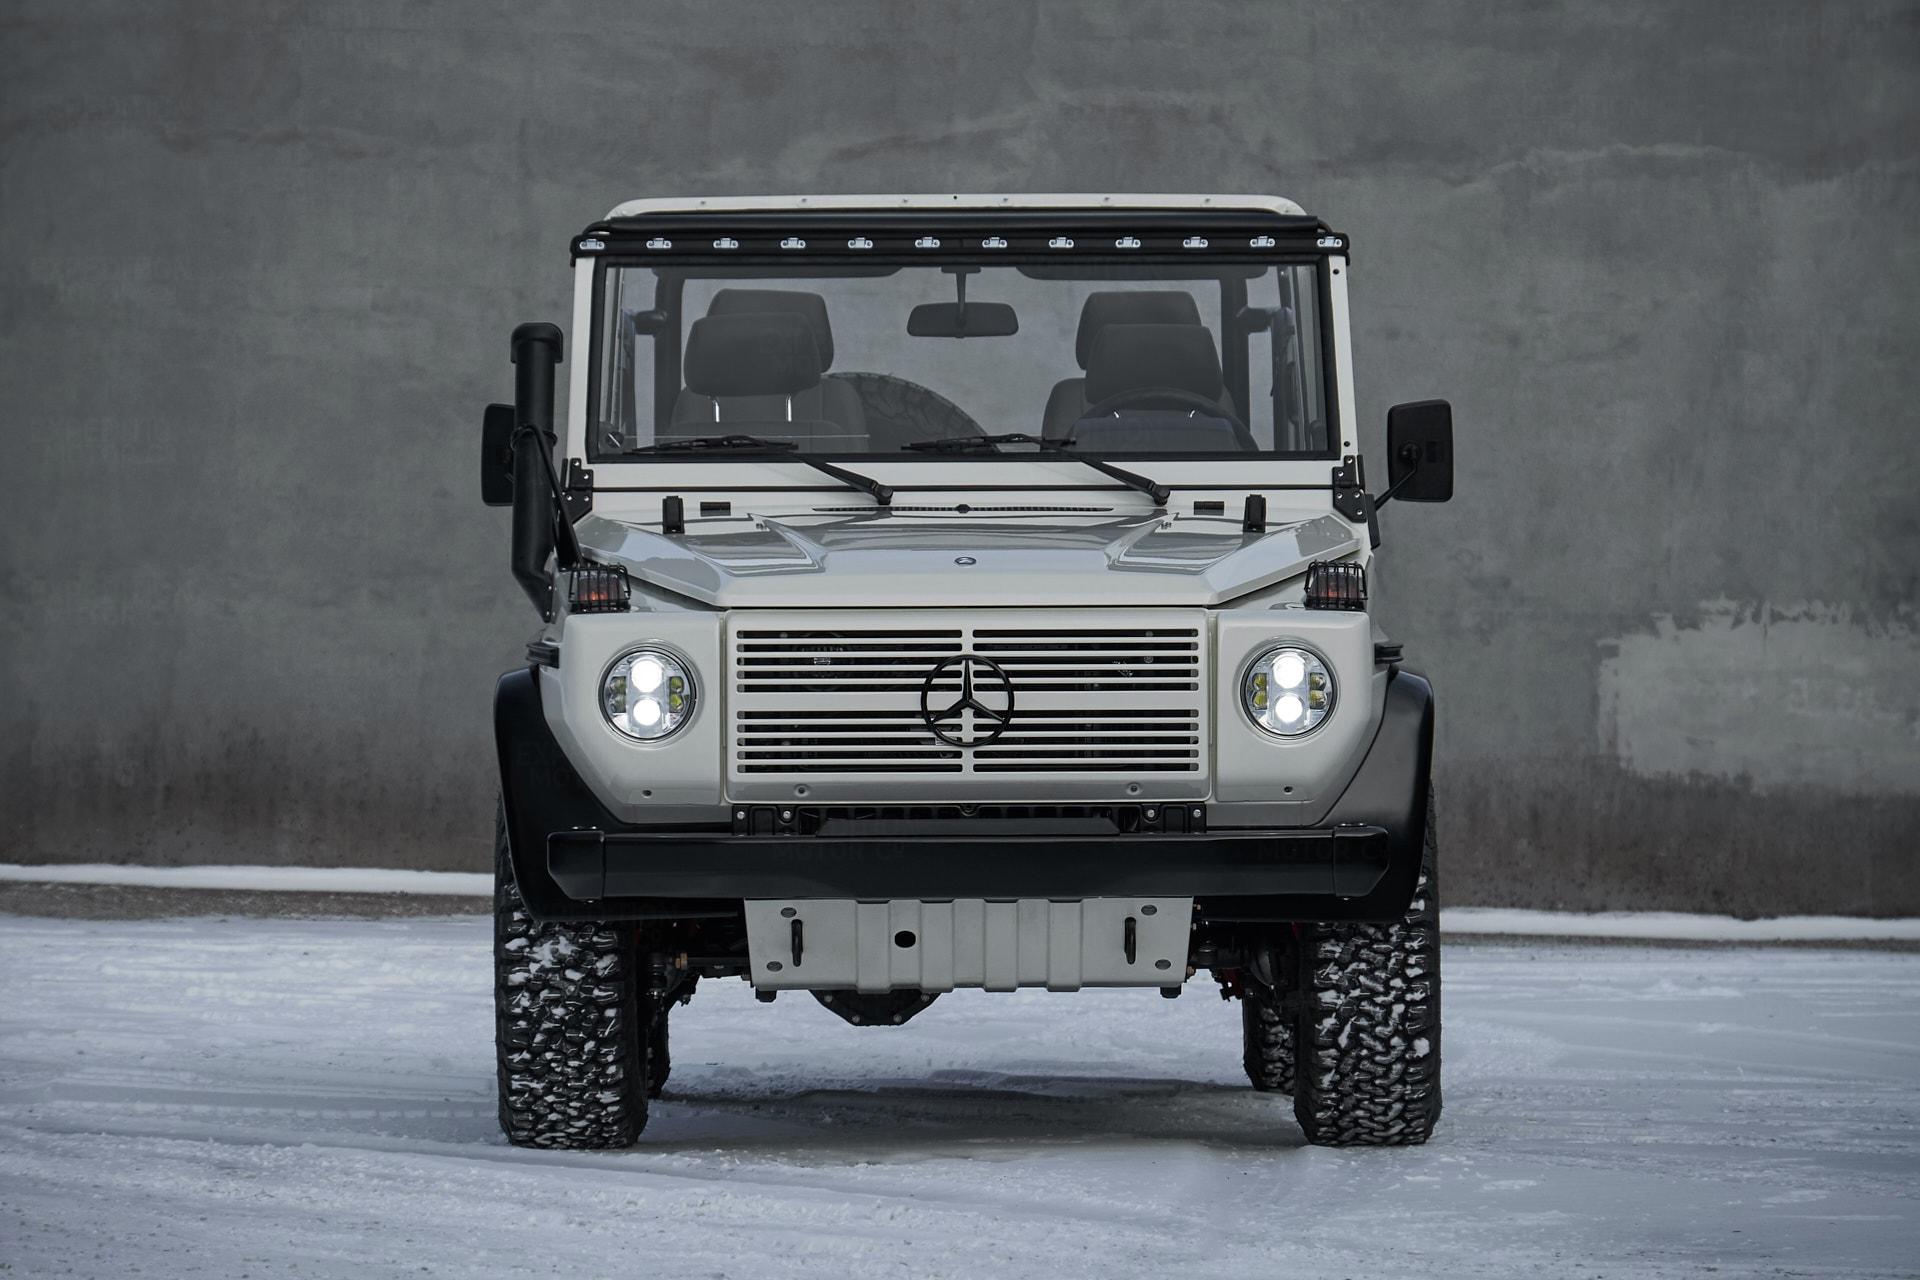 2A-002-Convertible-Mercedes-G-250-074675